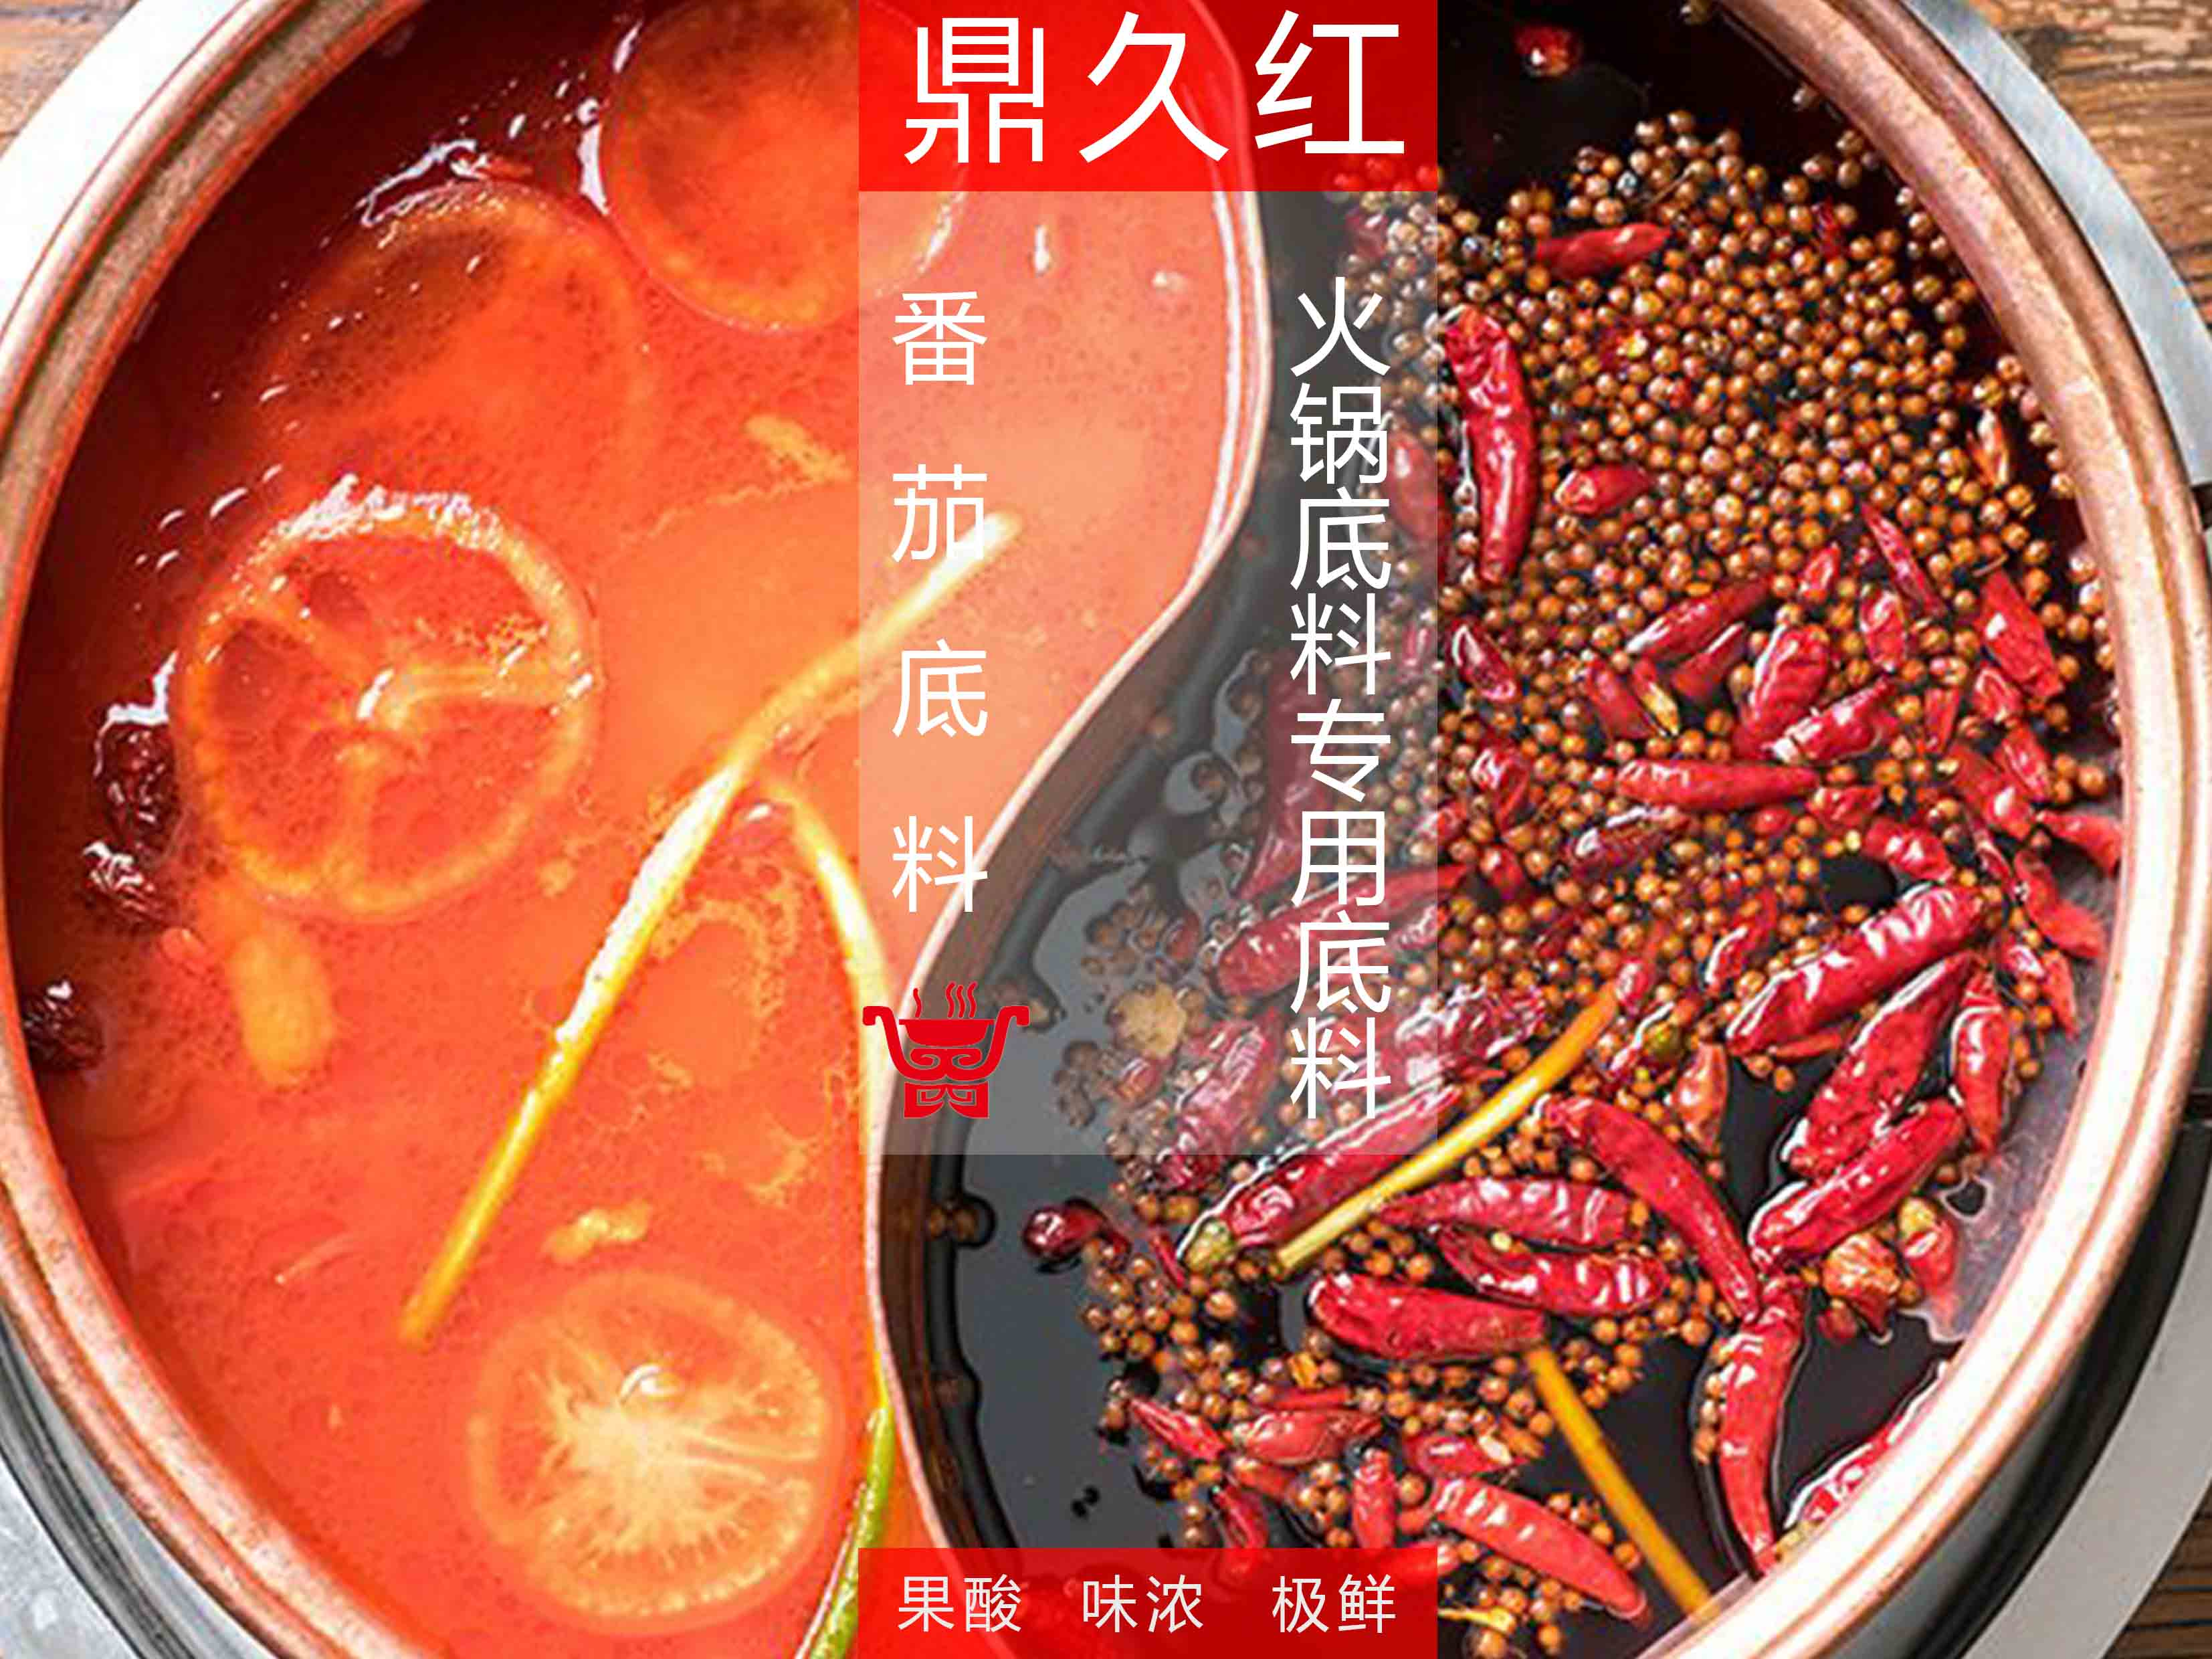 风味番茄浓汤底料